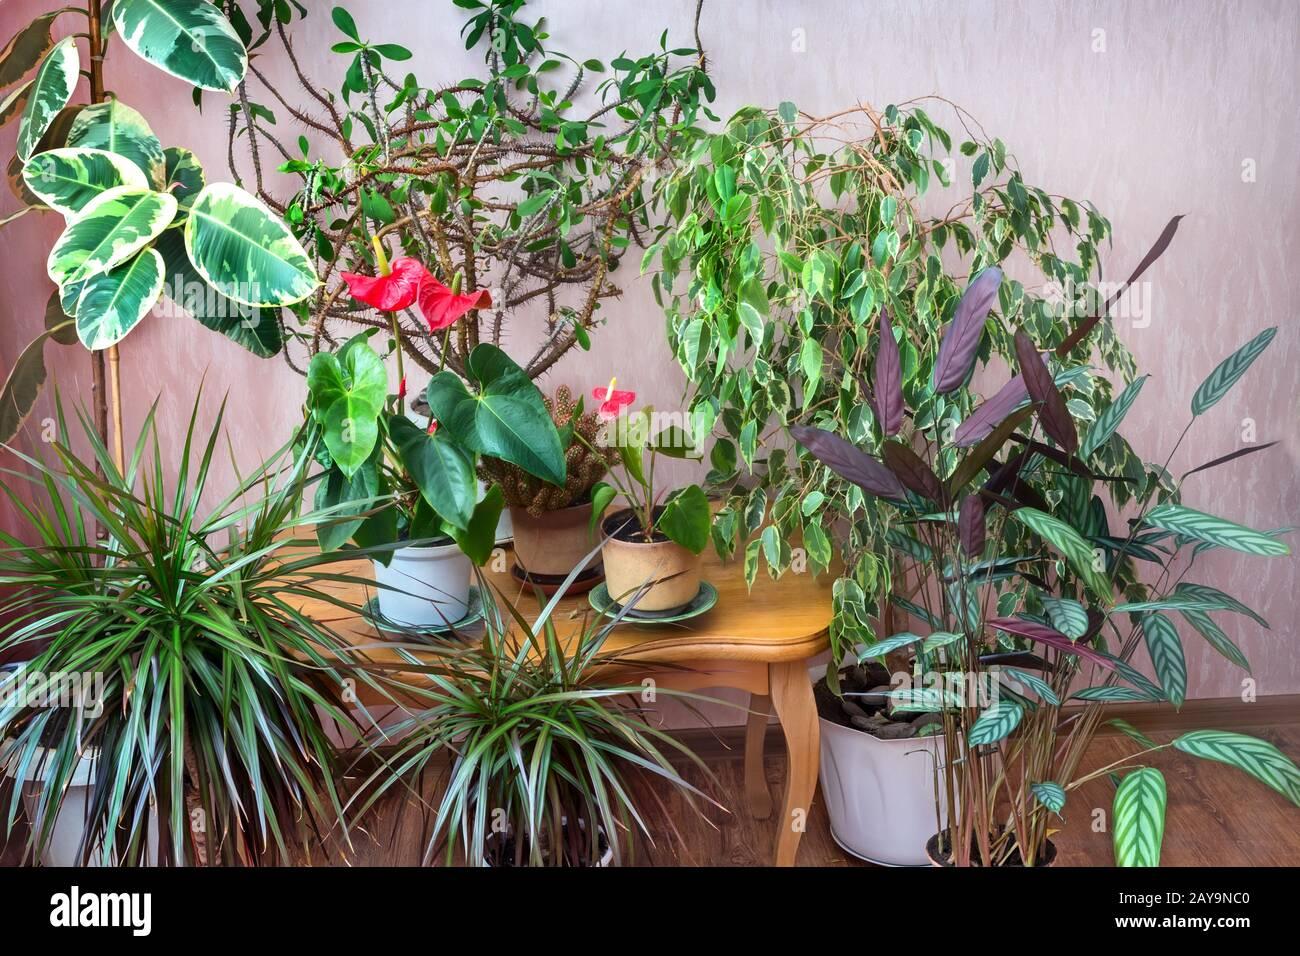 Una variedad de plantas en macetas en la casa. Foto de stock